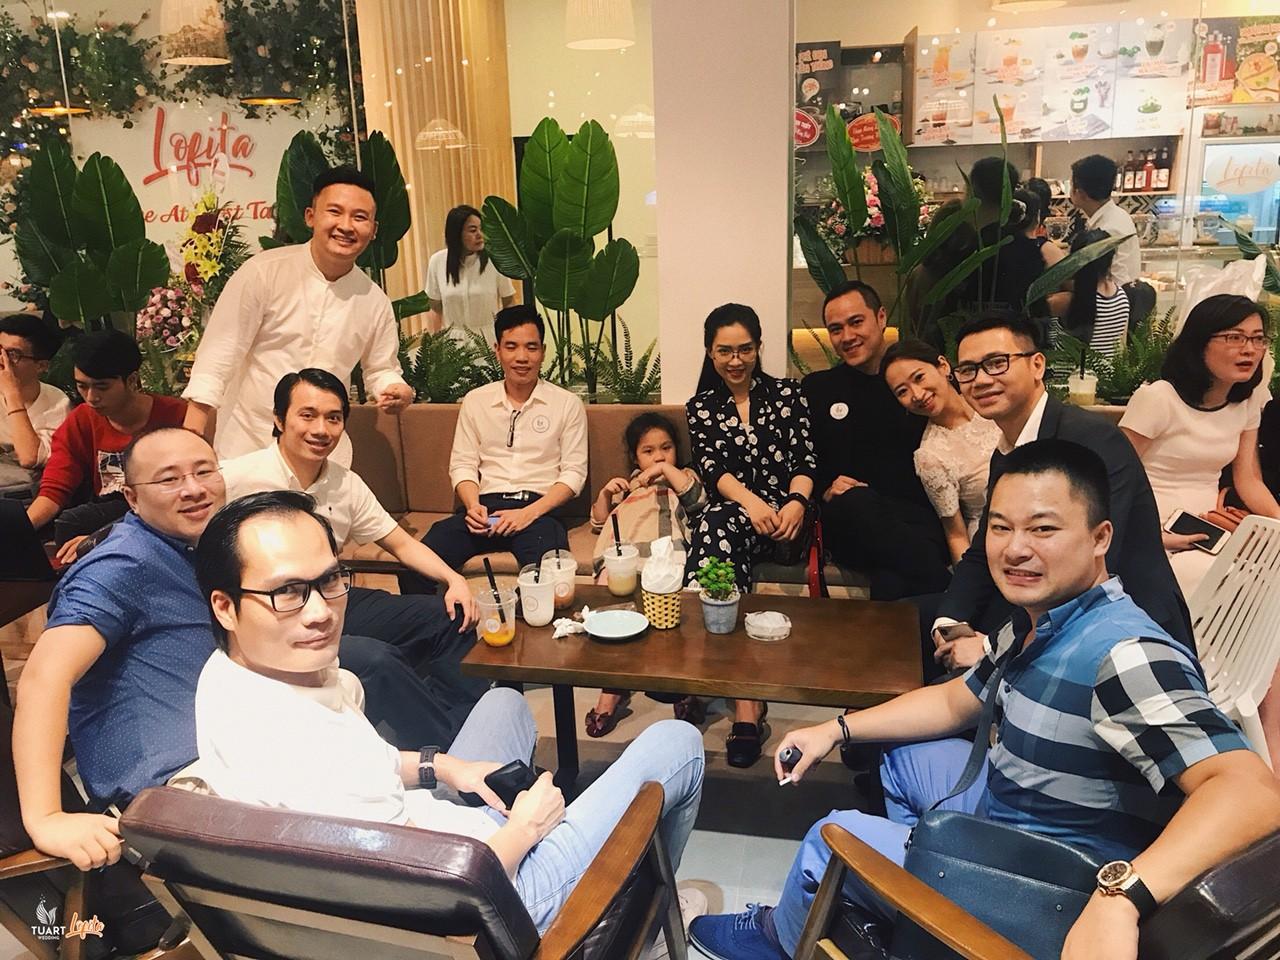 DaLAB hội ngộ cùng dàn hot girl Hà thành tại sự kiện khai trương - Ảnh 6.